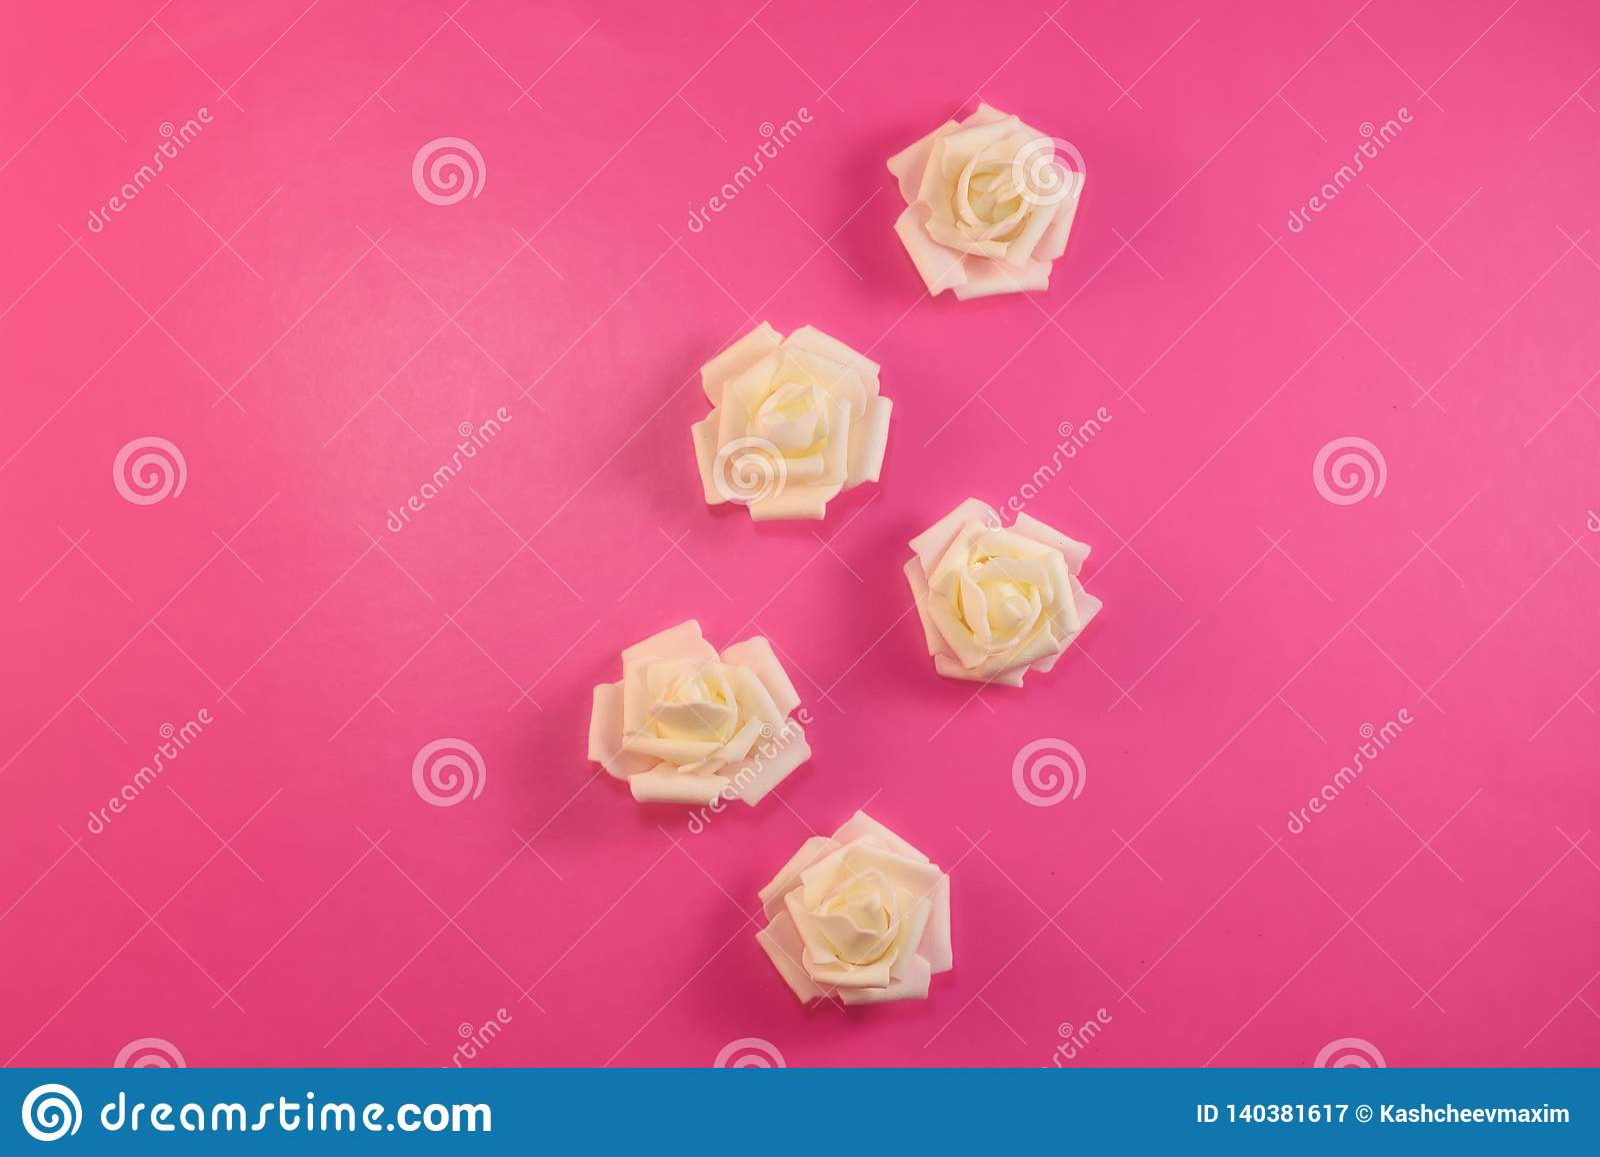 Modelli le rose bianche bianche sul fondo di rosa pastello Disposizione piana, vista superiore